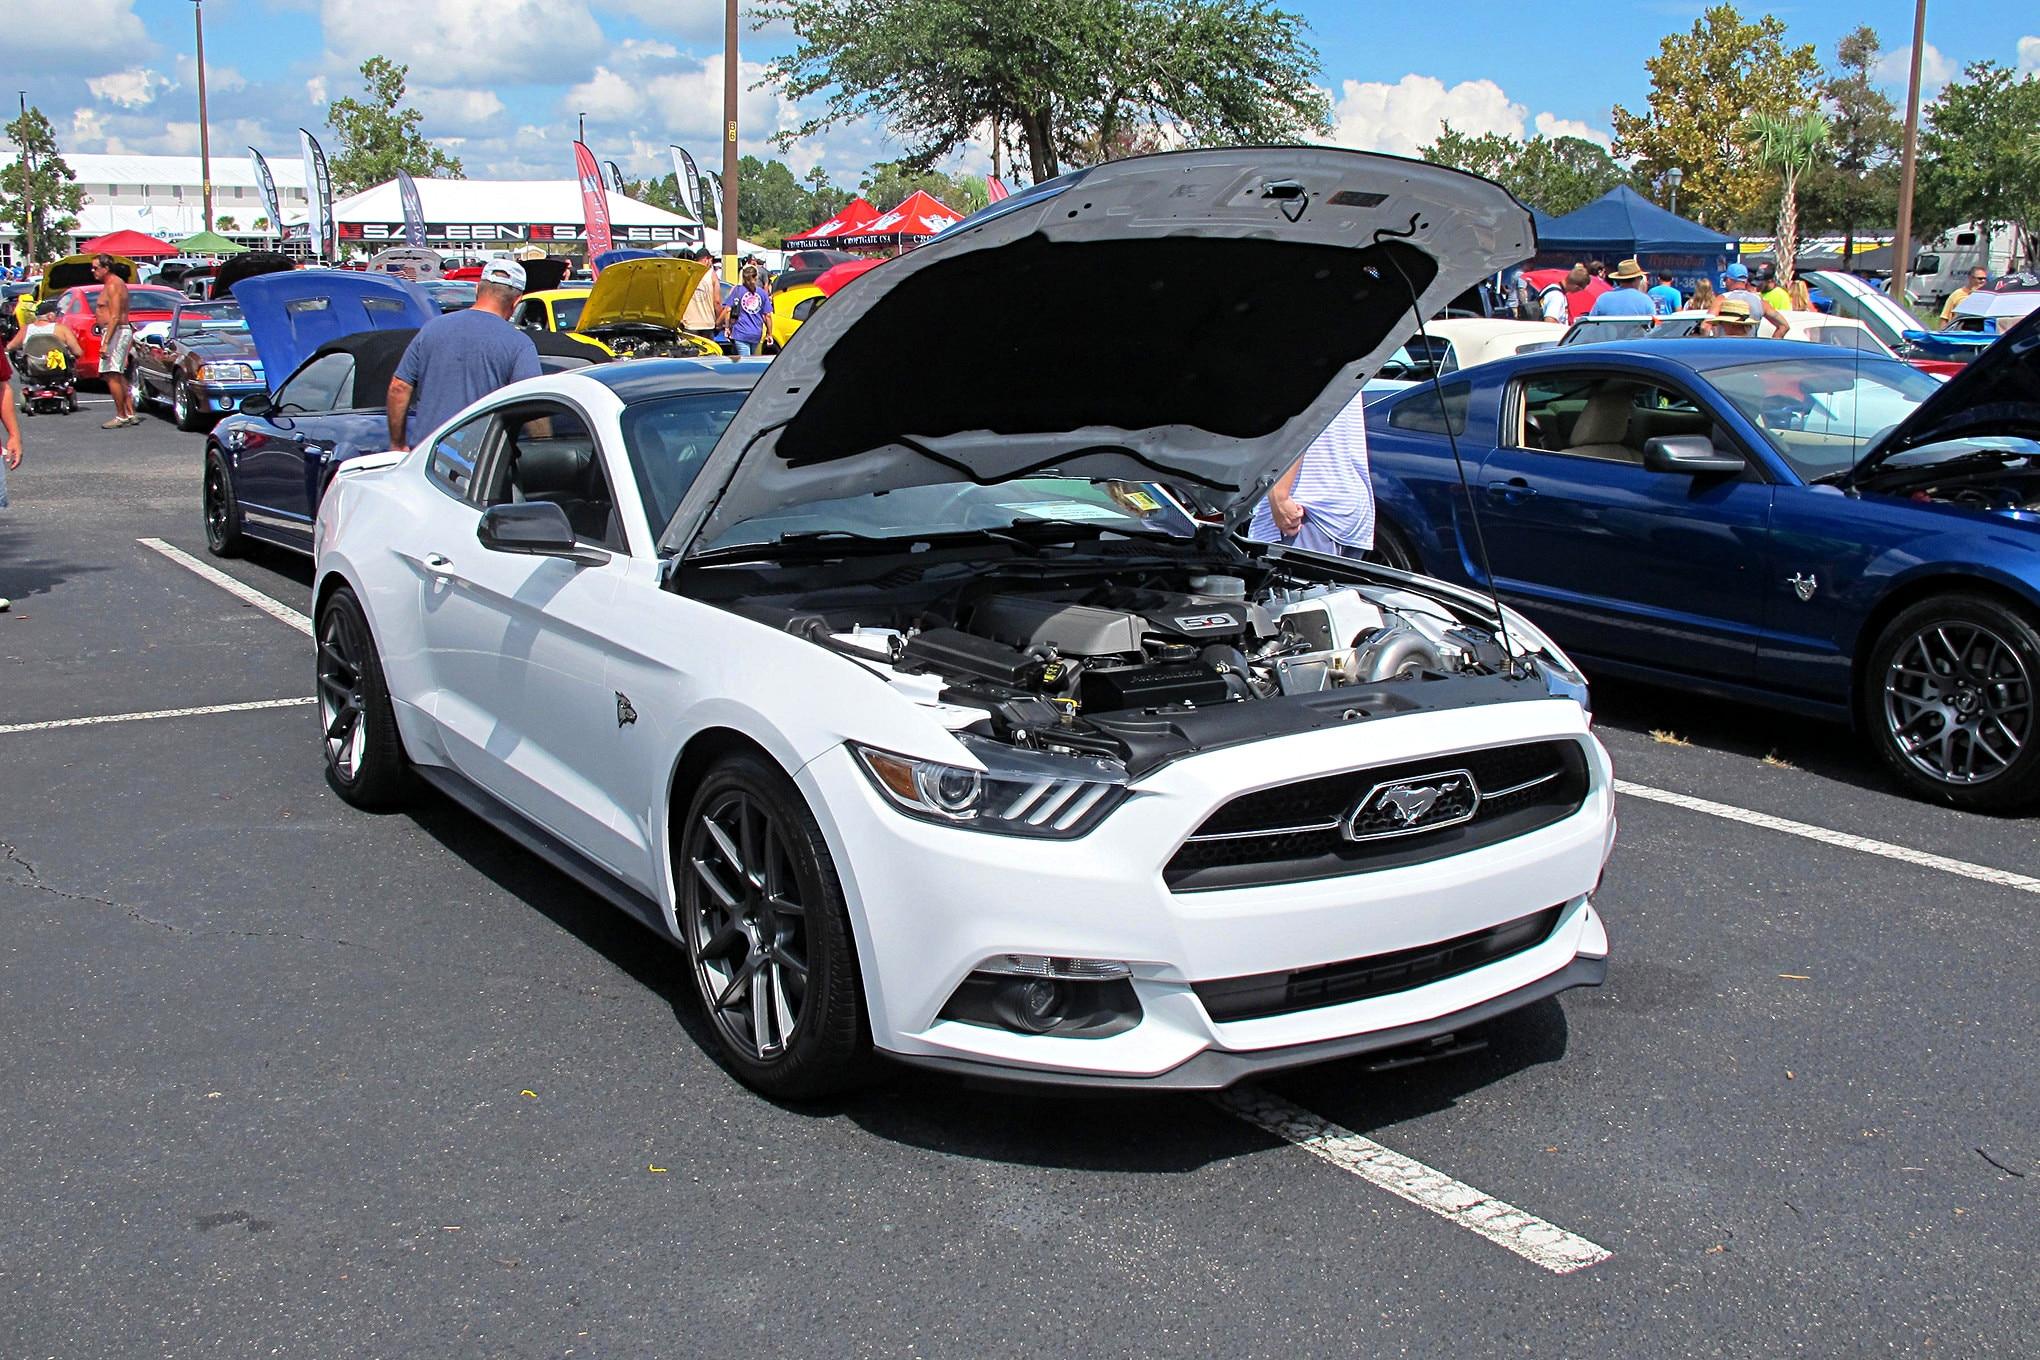 031 2018 Mustang Week S550 Mustangs